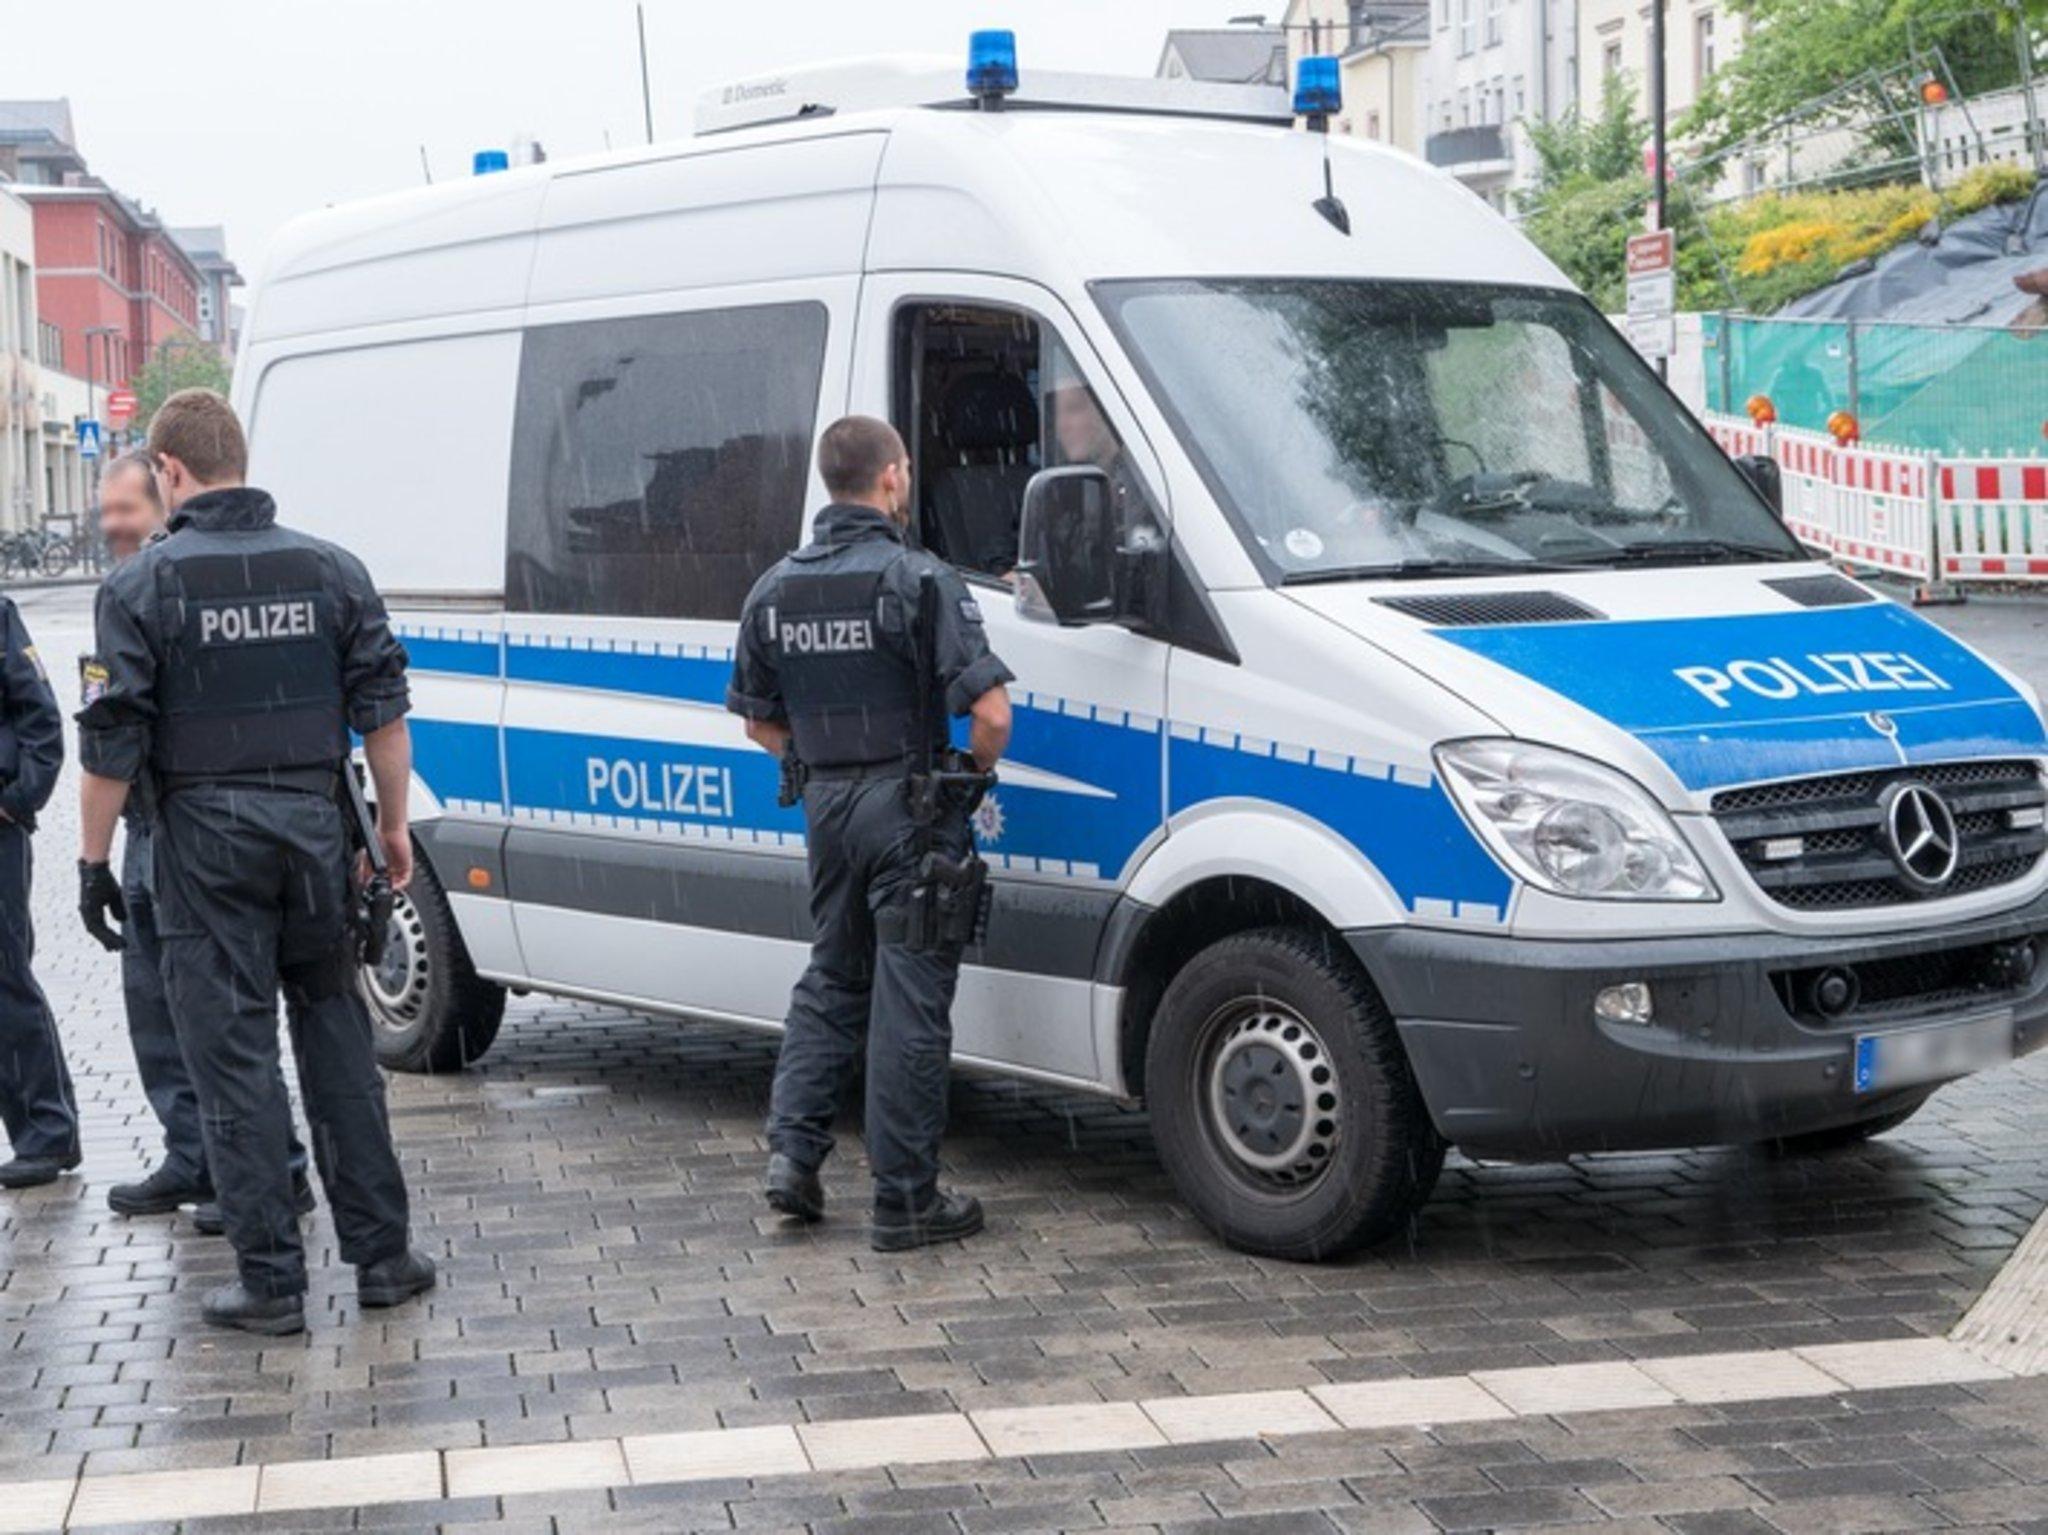 Leichtsinniges Verhalten löst zwei Großeinsätze von Bundespolizei und Feuerwehr aus - Lokalkompass.de